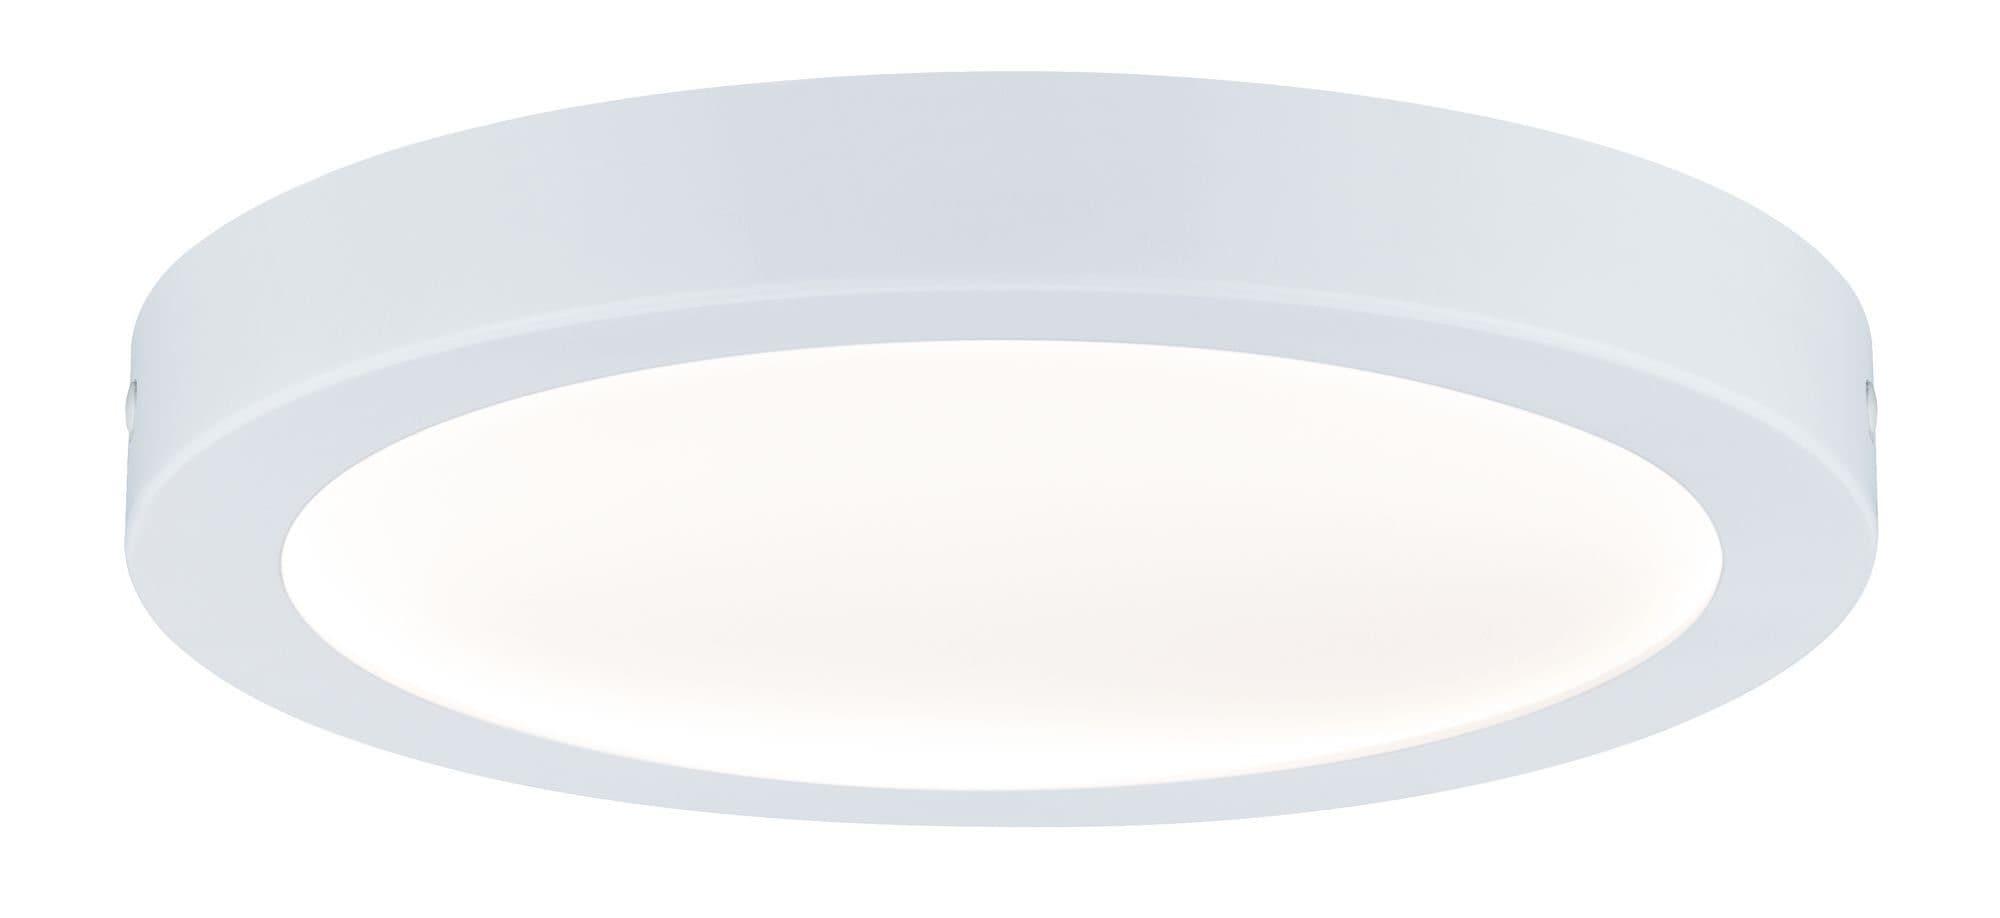 Paulmann,LED Deckenleuchte Abia Panel rund 22W Weiß Kunststoff